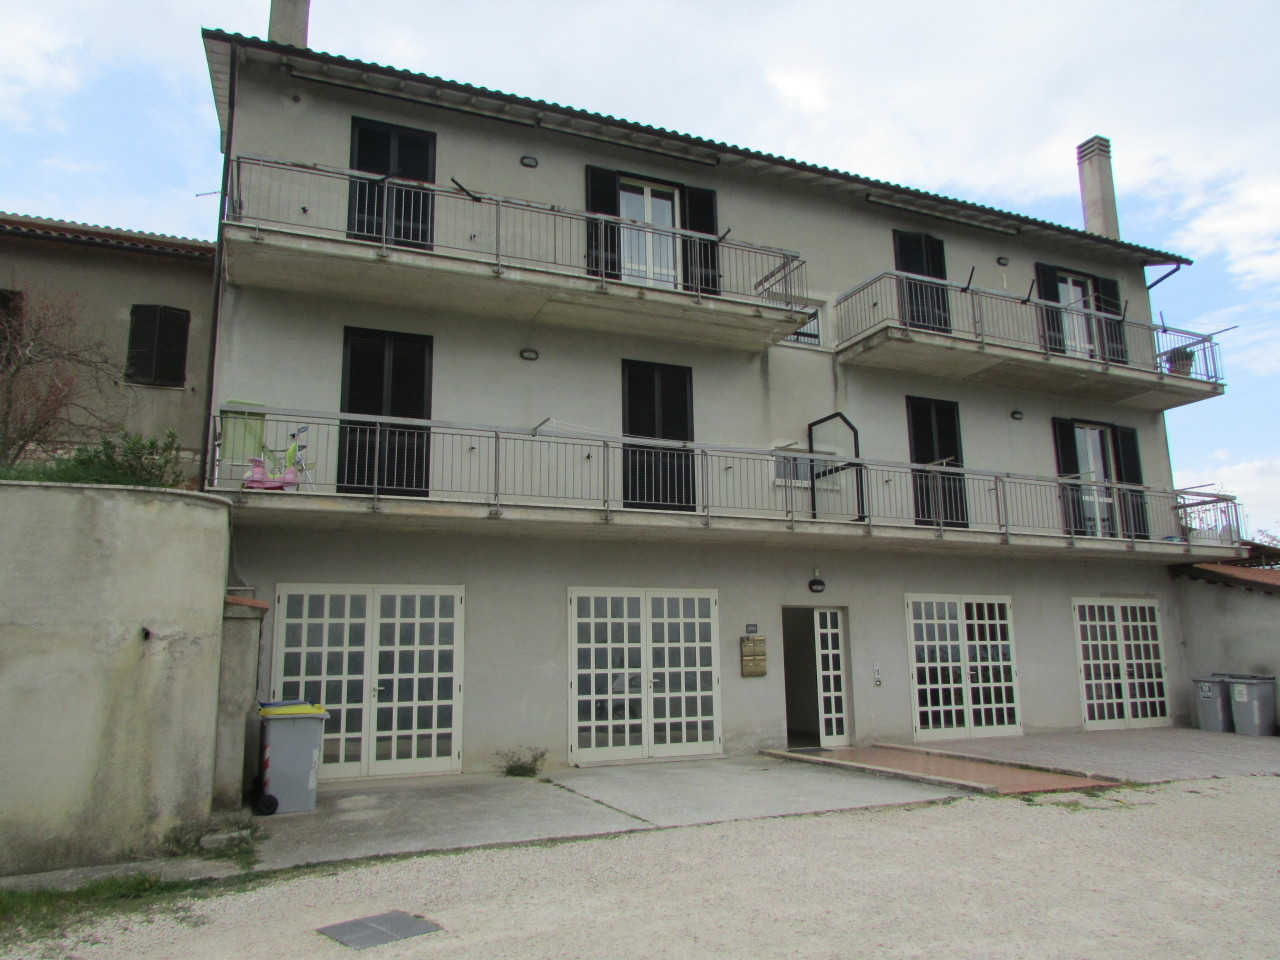 Appartamento - Quadrilocale a Collevalenza, Todi